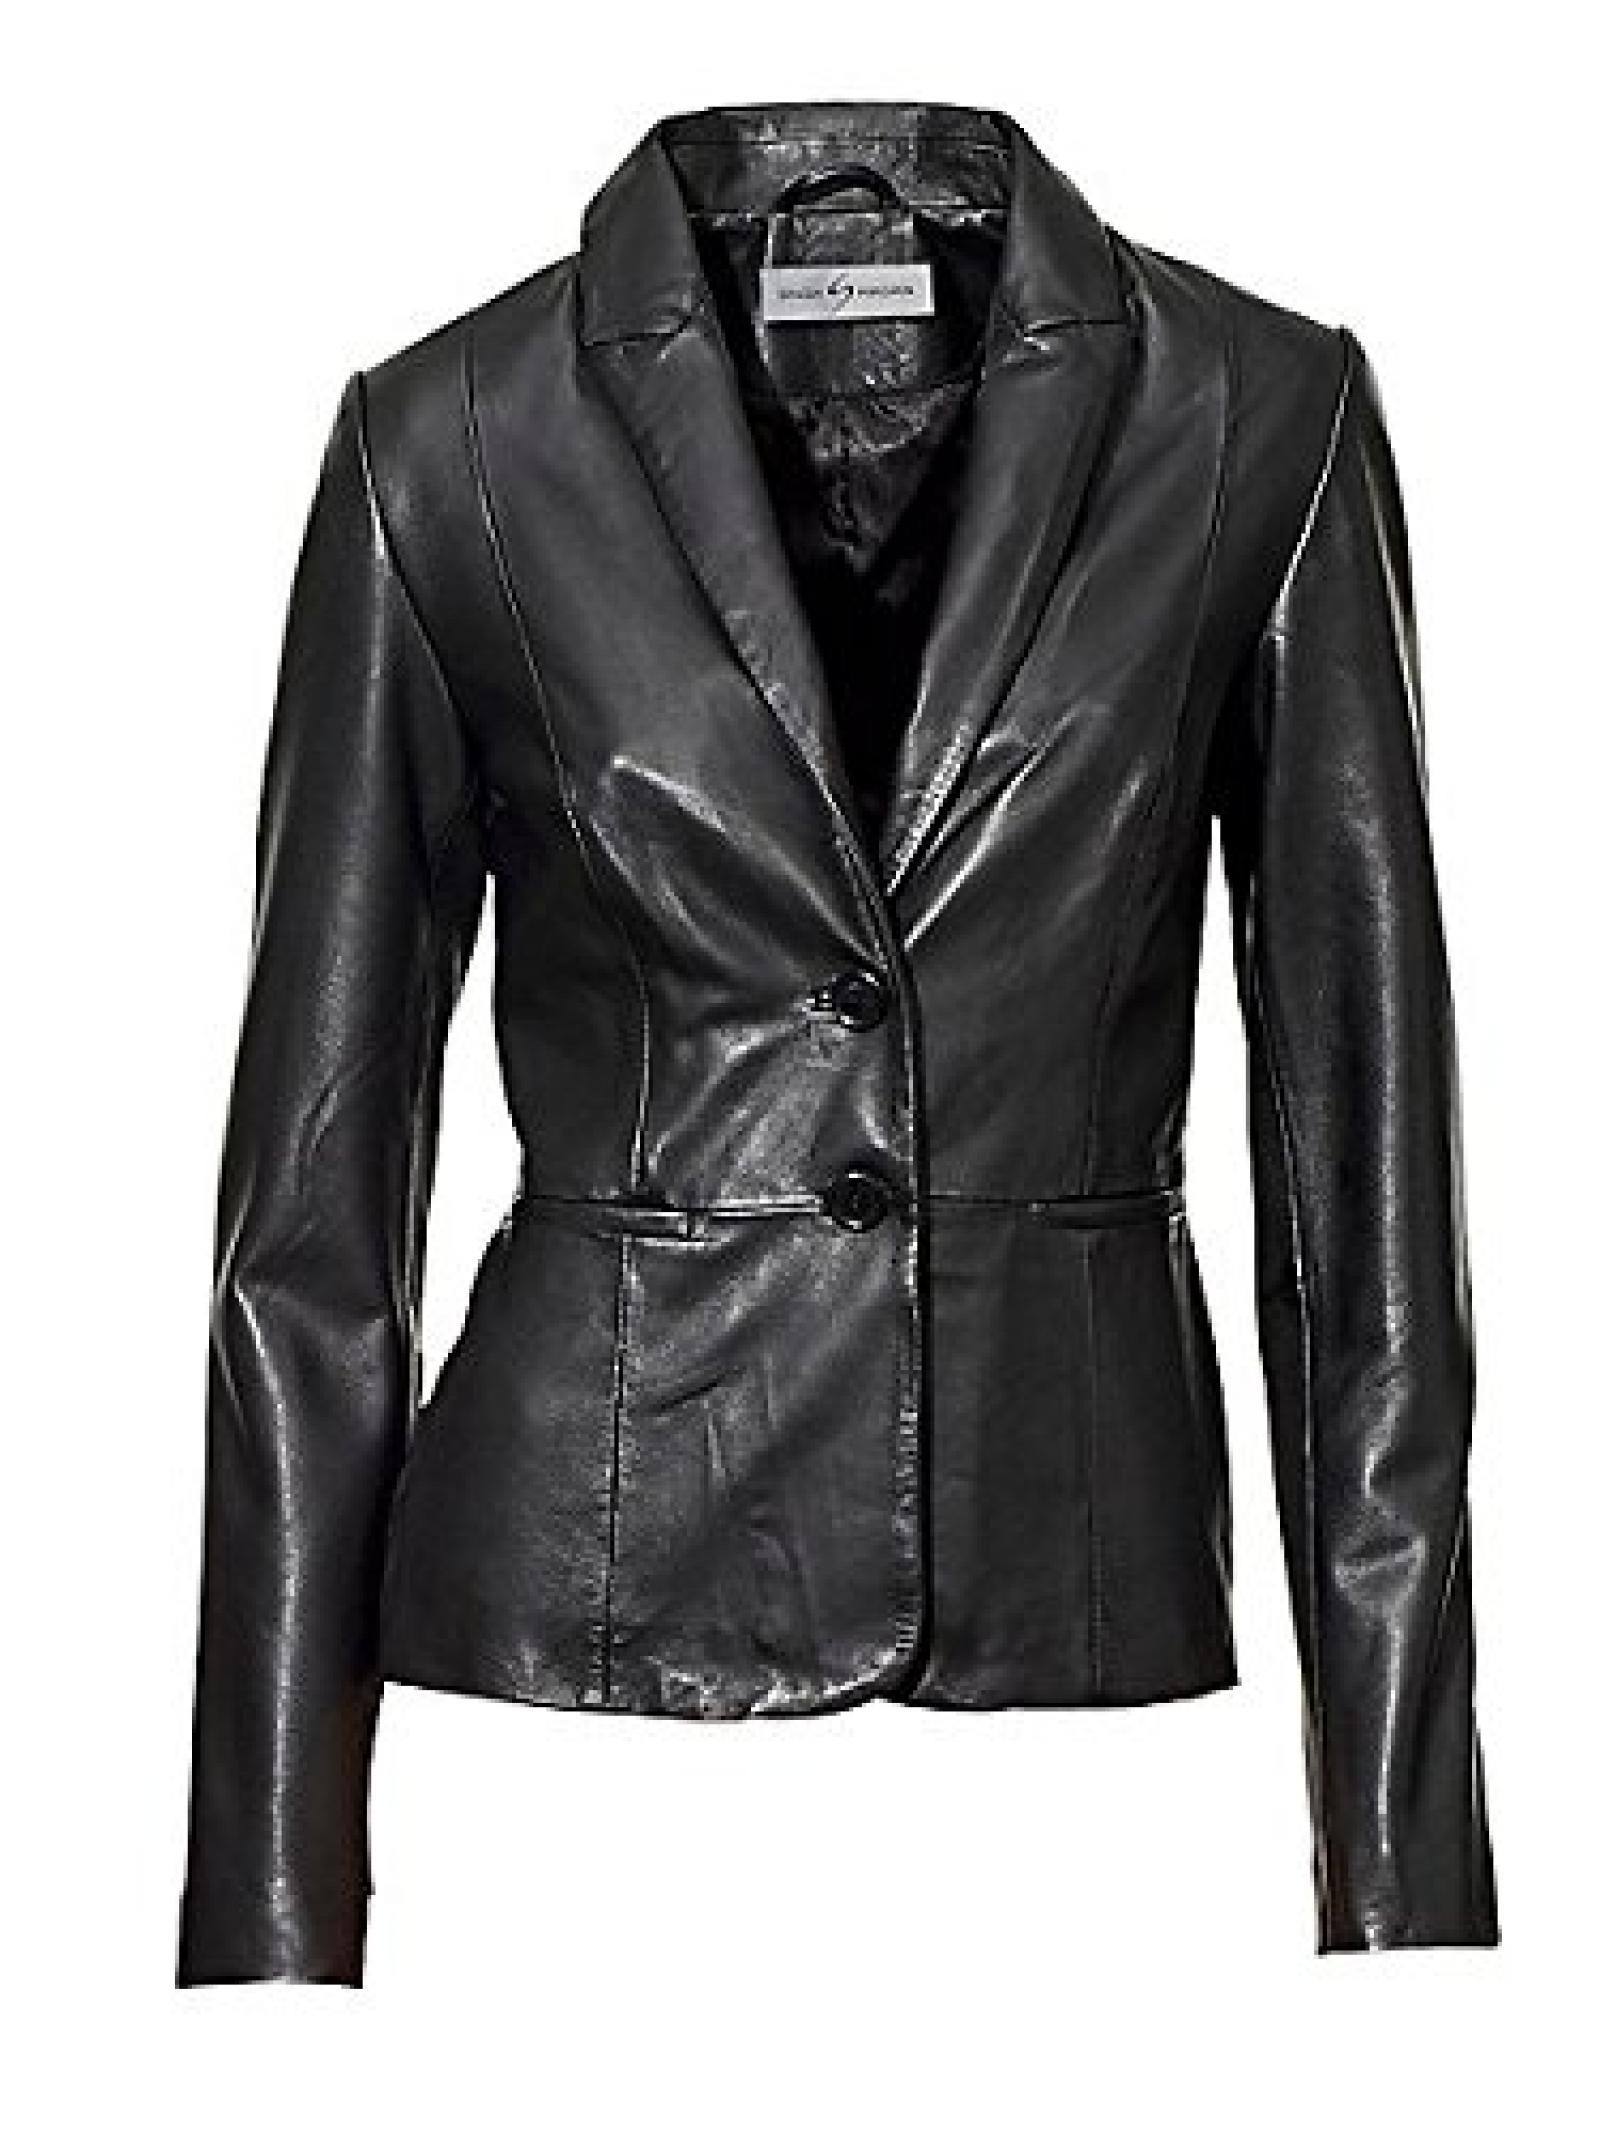 Damen SINGH S. MADAN Lederjacke in schwarz - Größe: 42